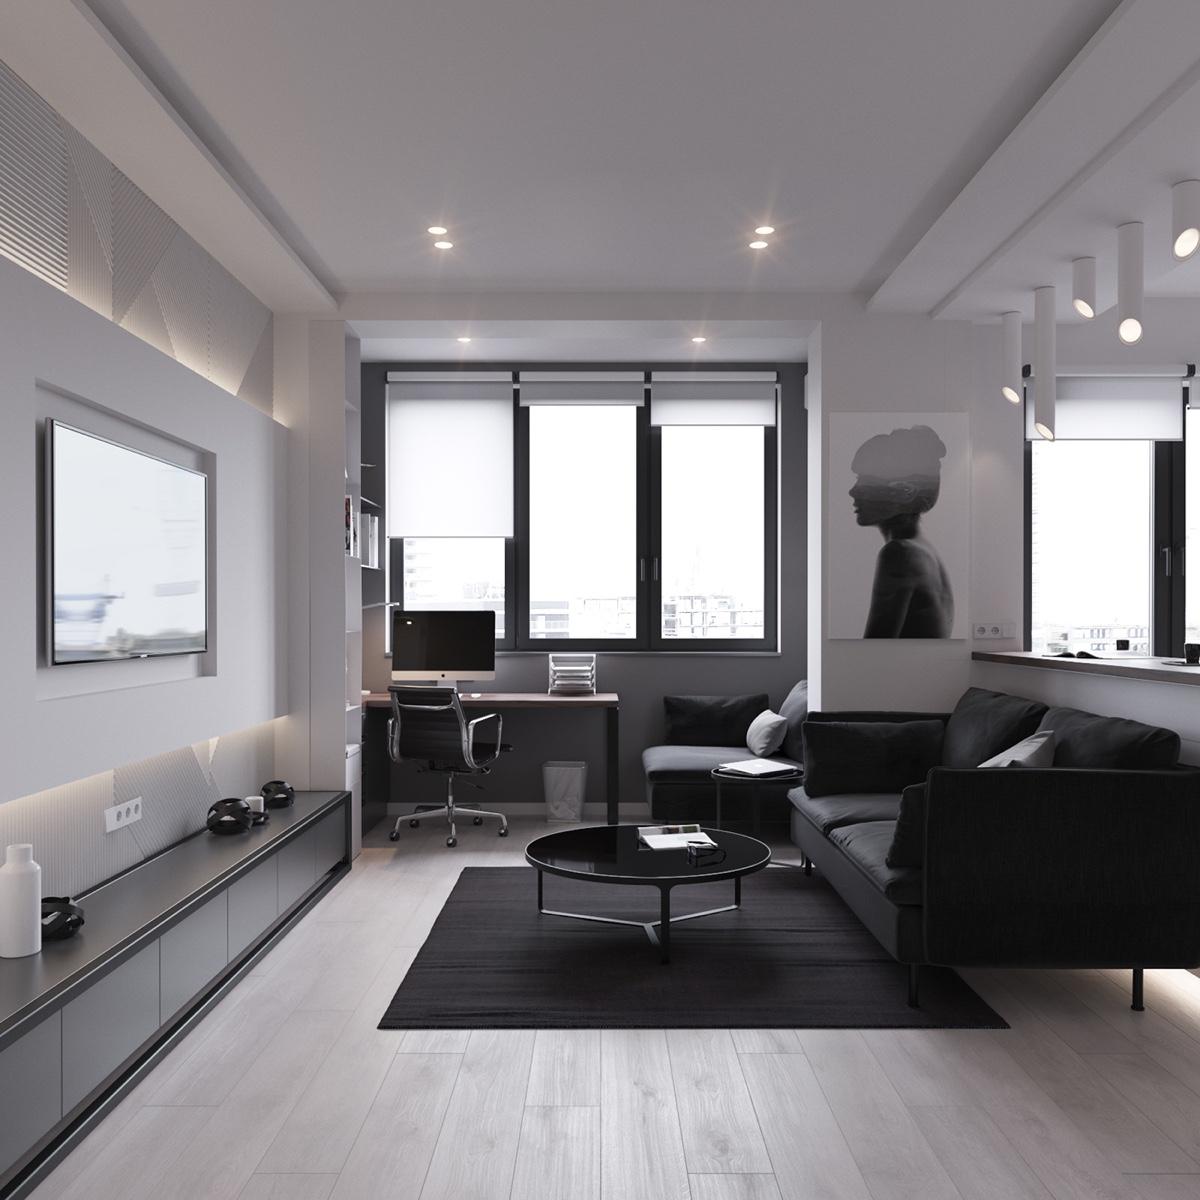 Sala de estar de apartamento de 45 metros cuadrados